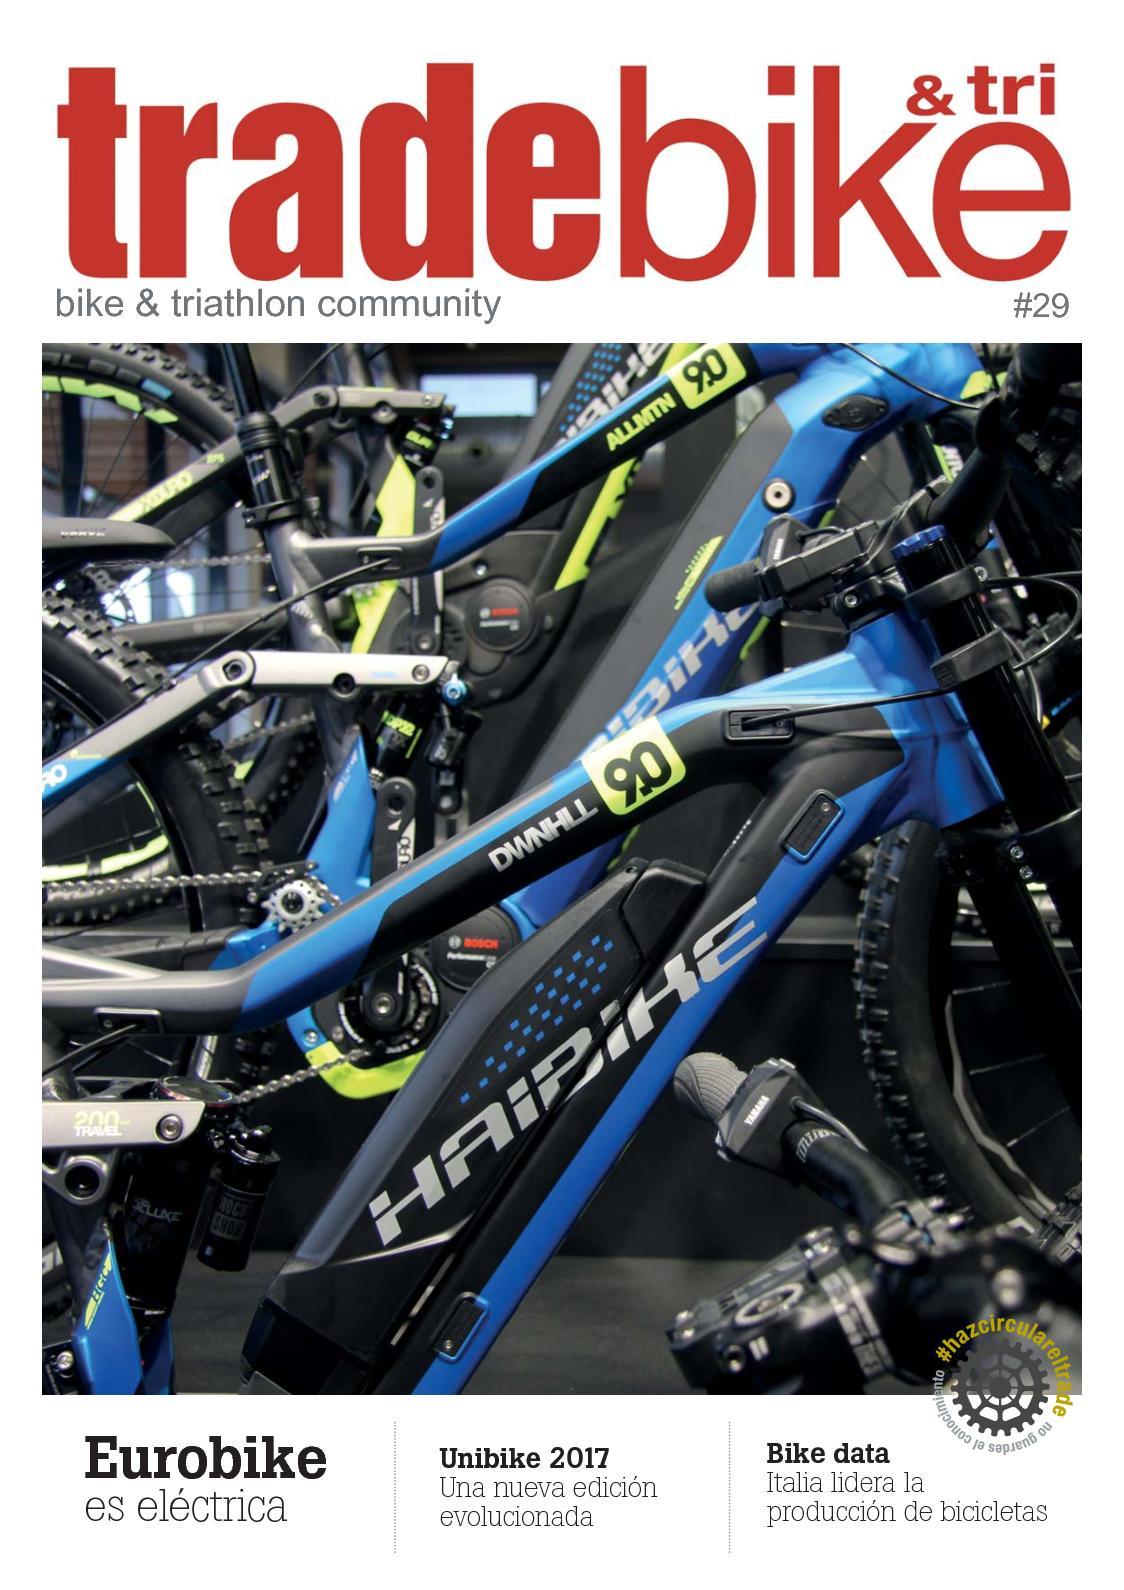 022f76d9dc Calaméo - Tradebike&Tri 29 Especial Ferias